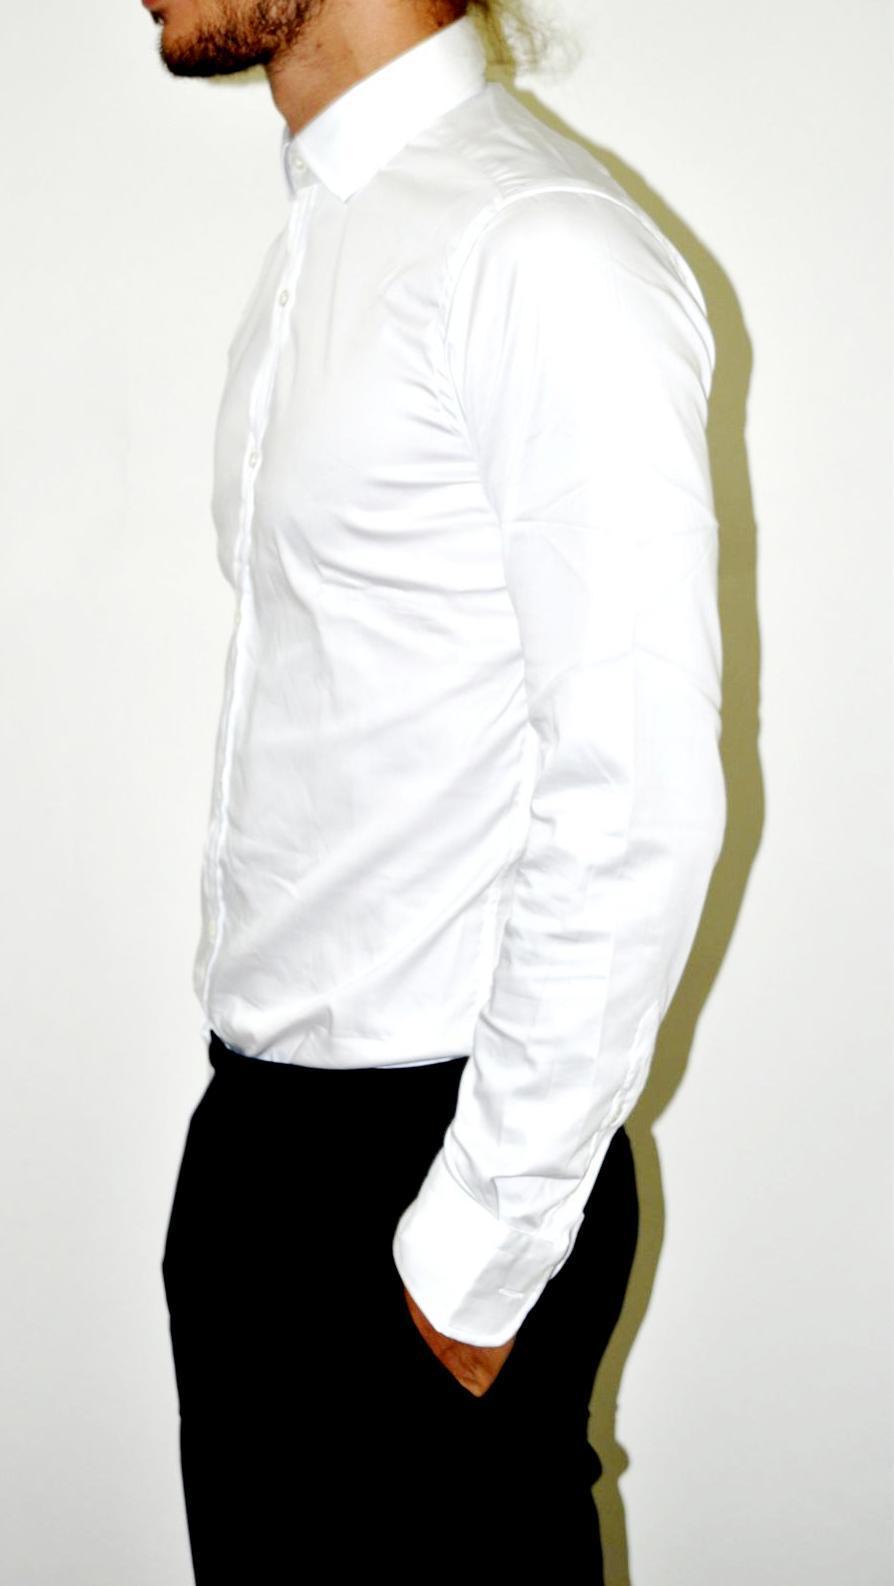 camicia-aglini-uomo-aglini-cod-francescof108